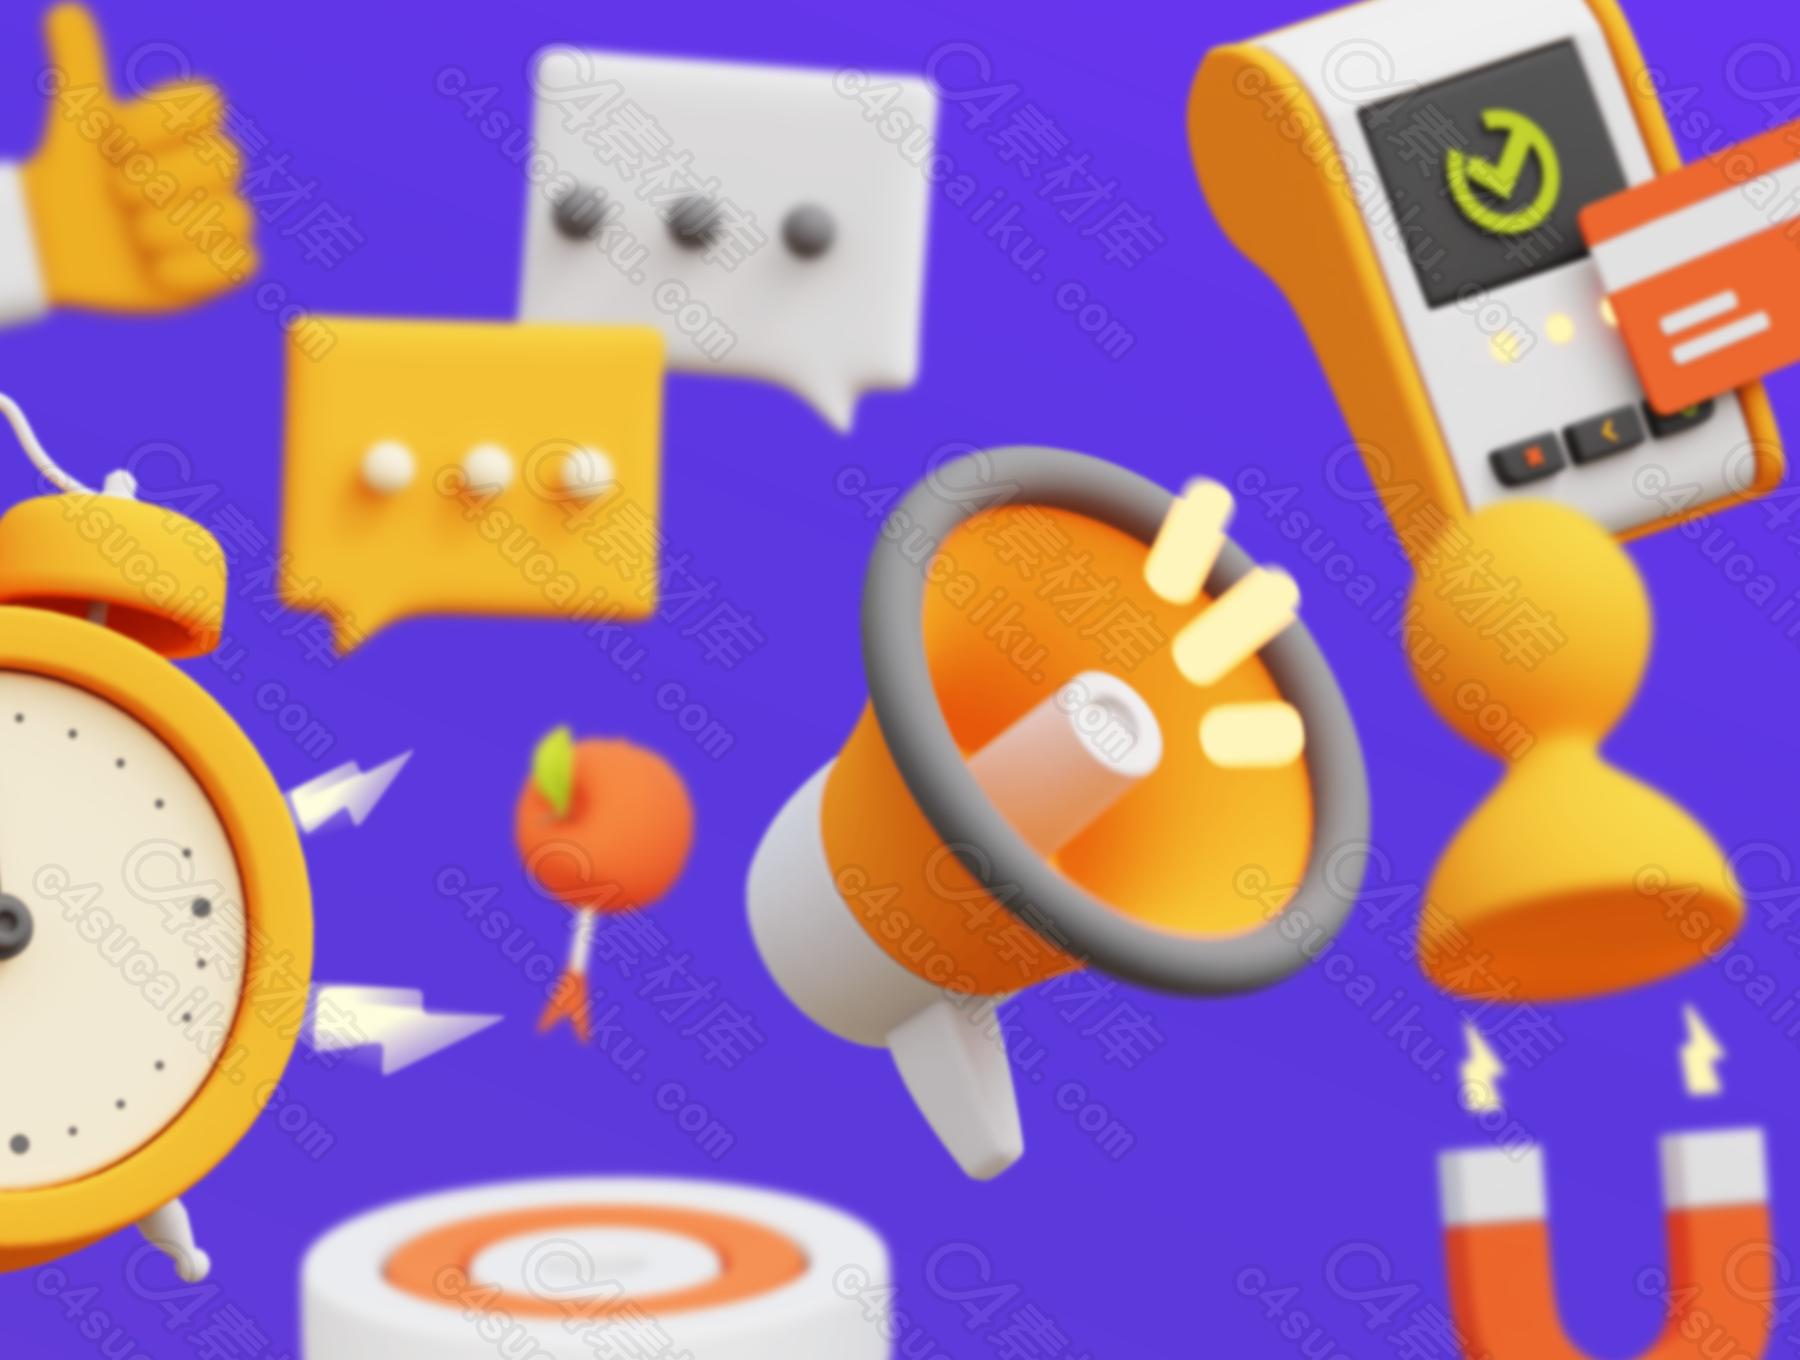 群资源分享【第十二期】电商3D动画含ae源文件可修改